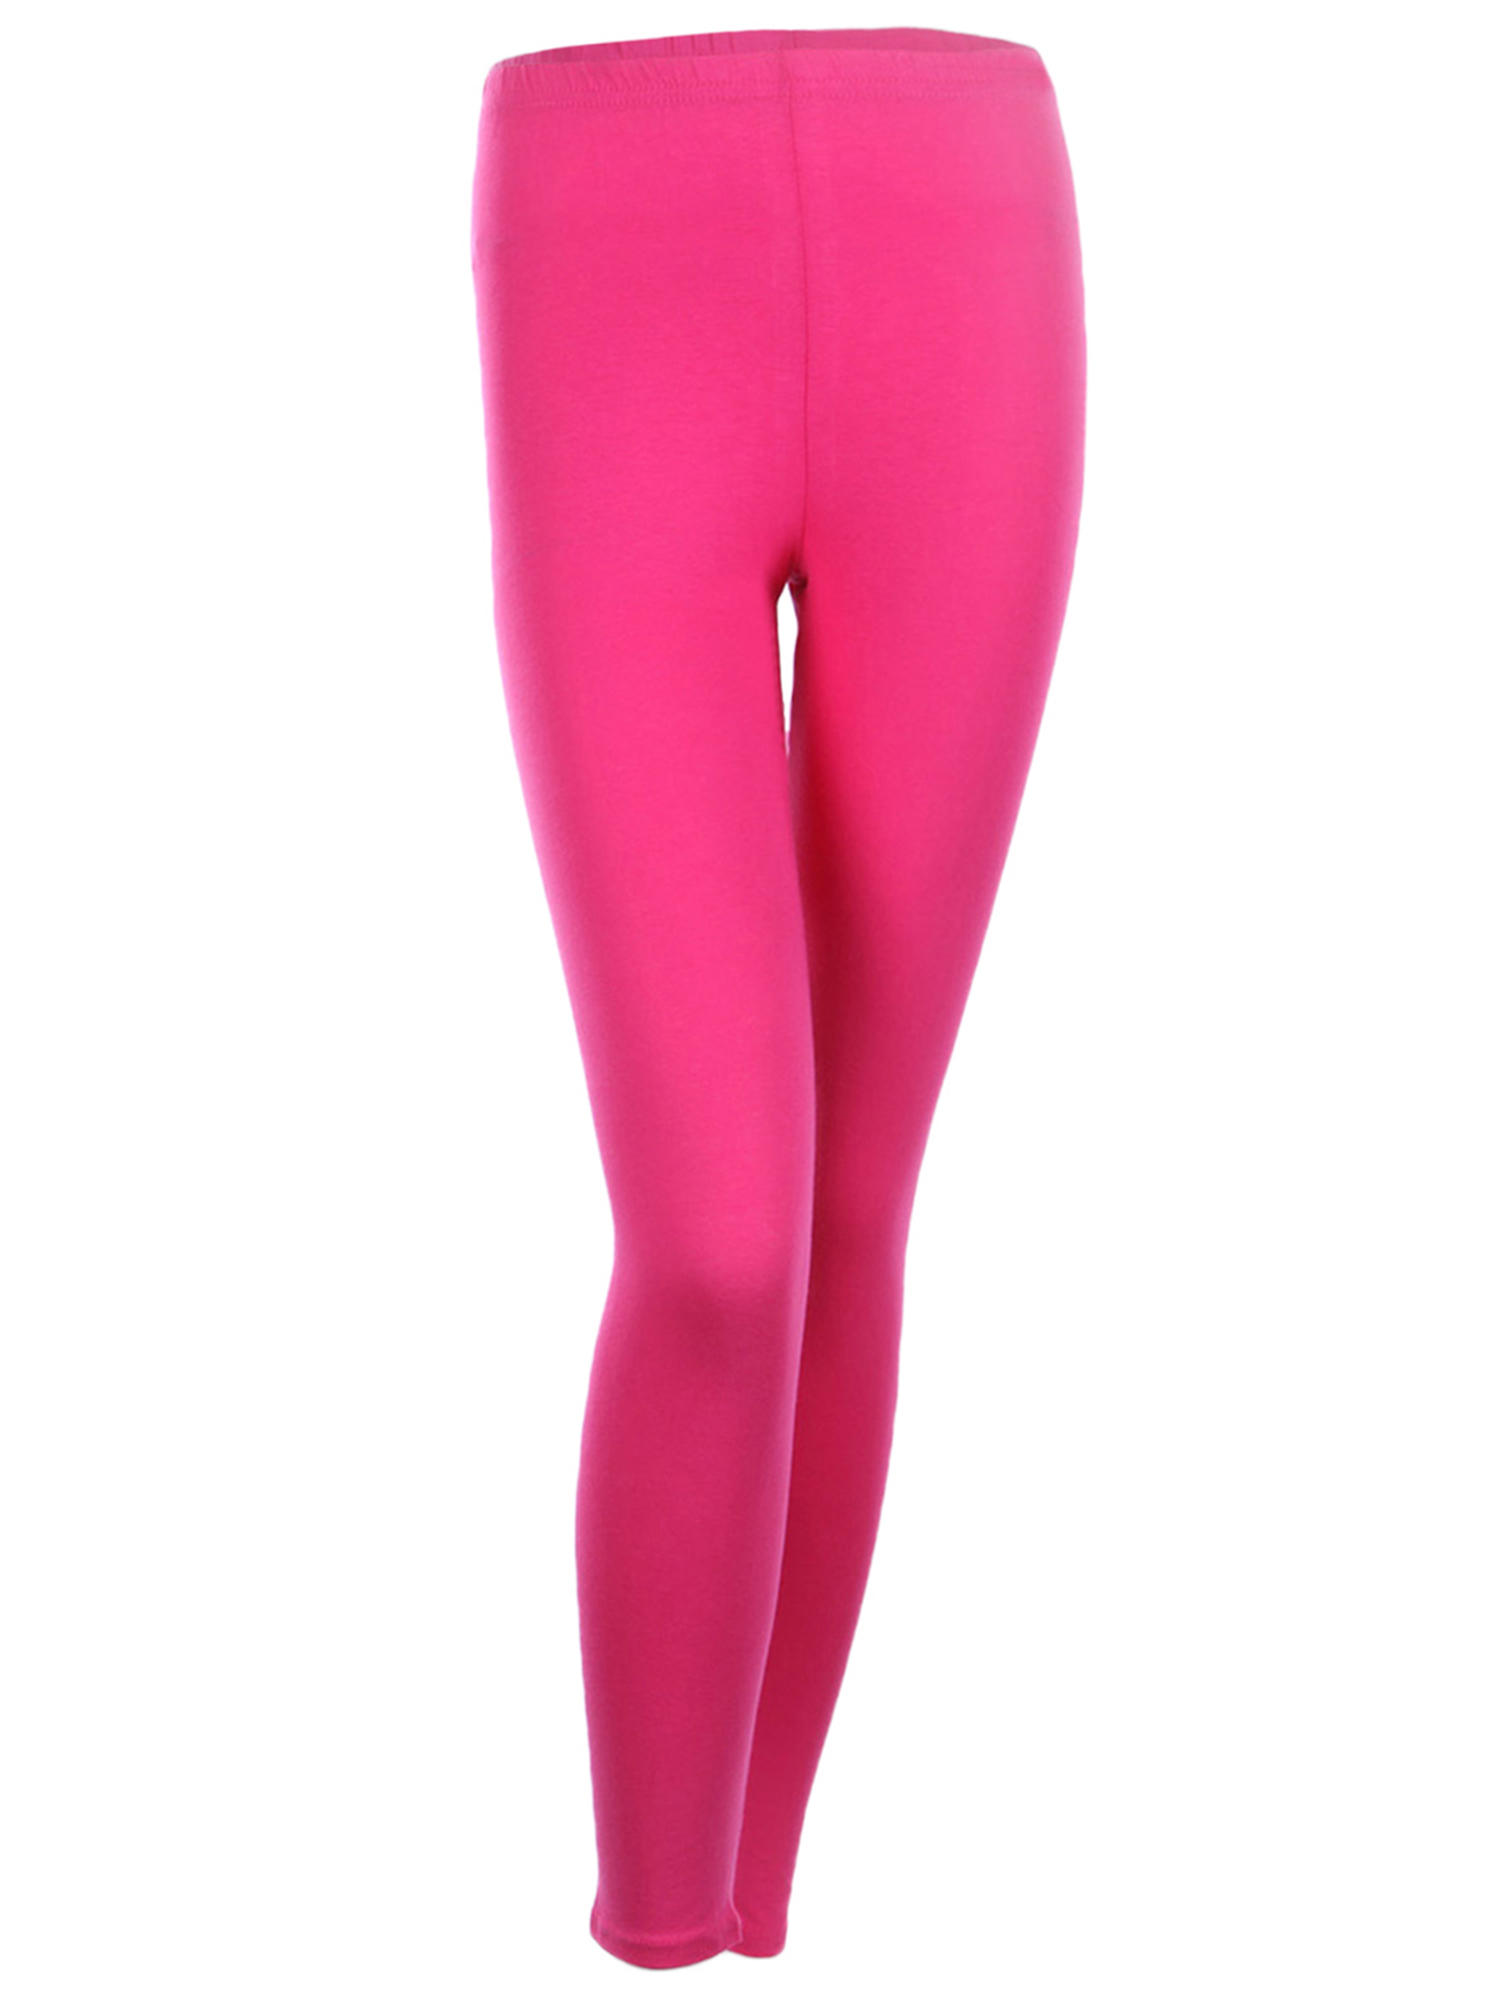 Cotton Full Length Leggings Plain Skinny Pants For Women Junior Size, Hot Pink, XL